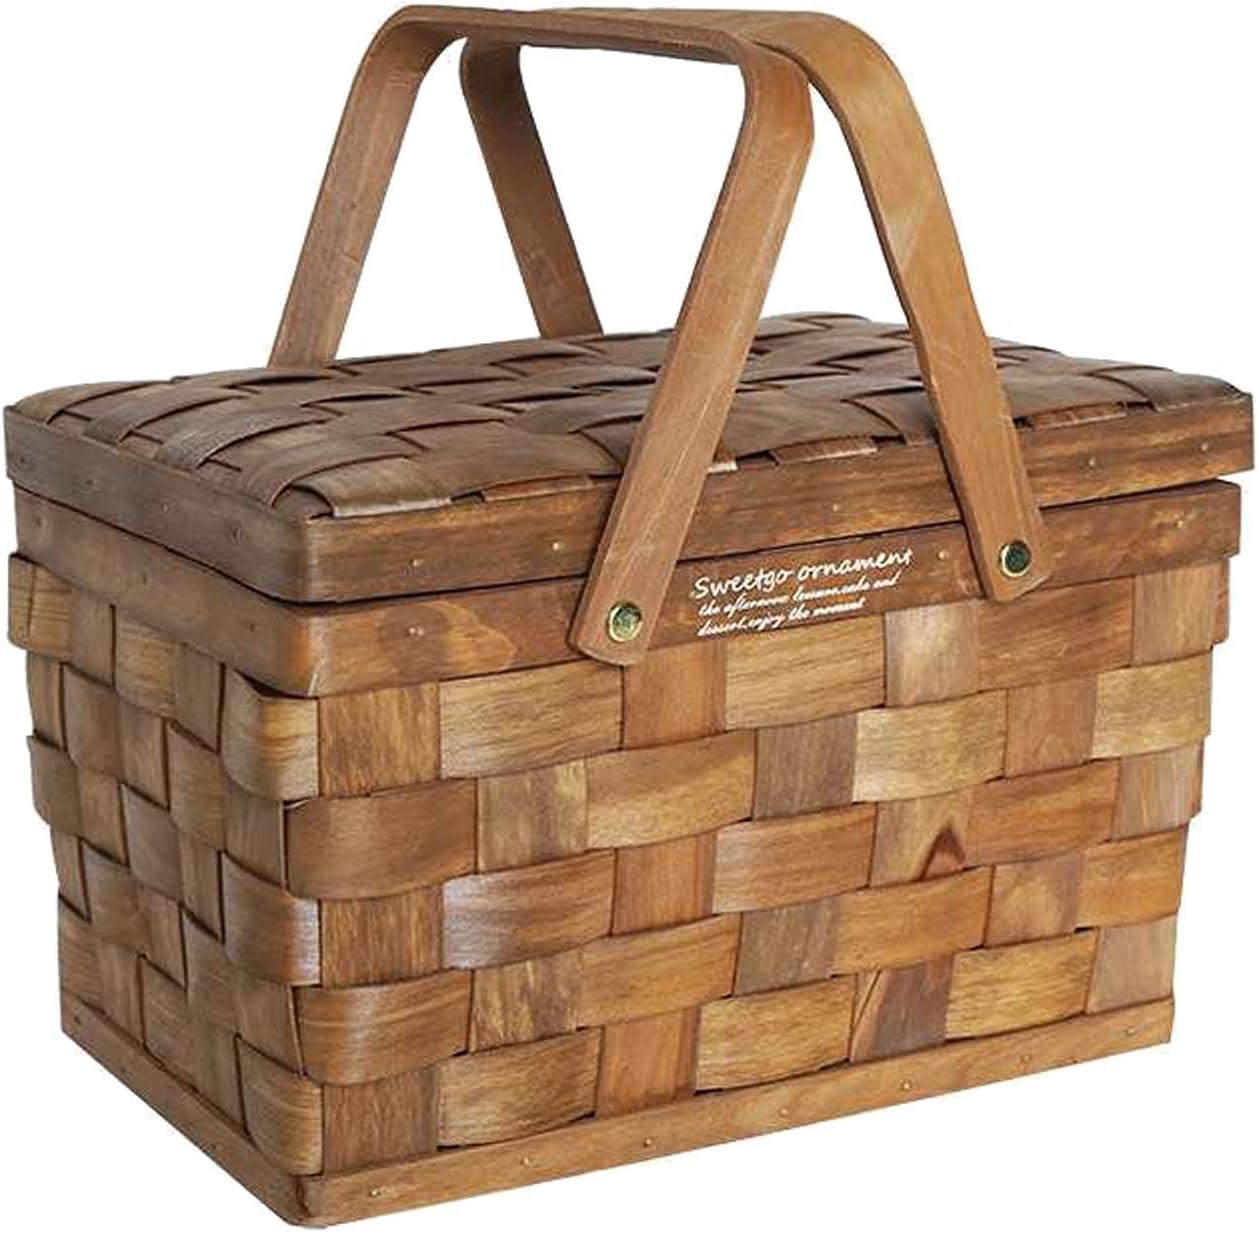 Cesta de mimbre de madera para pícnic con tapa y asa, cestas de mimbre de regalo, cestas de mimbre vacías, ovaladas, de sauce, para pícnic